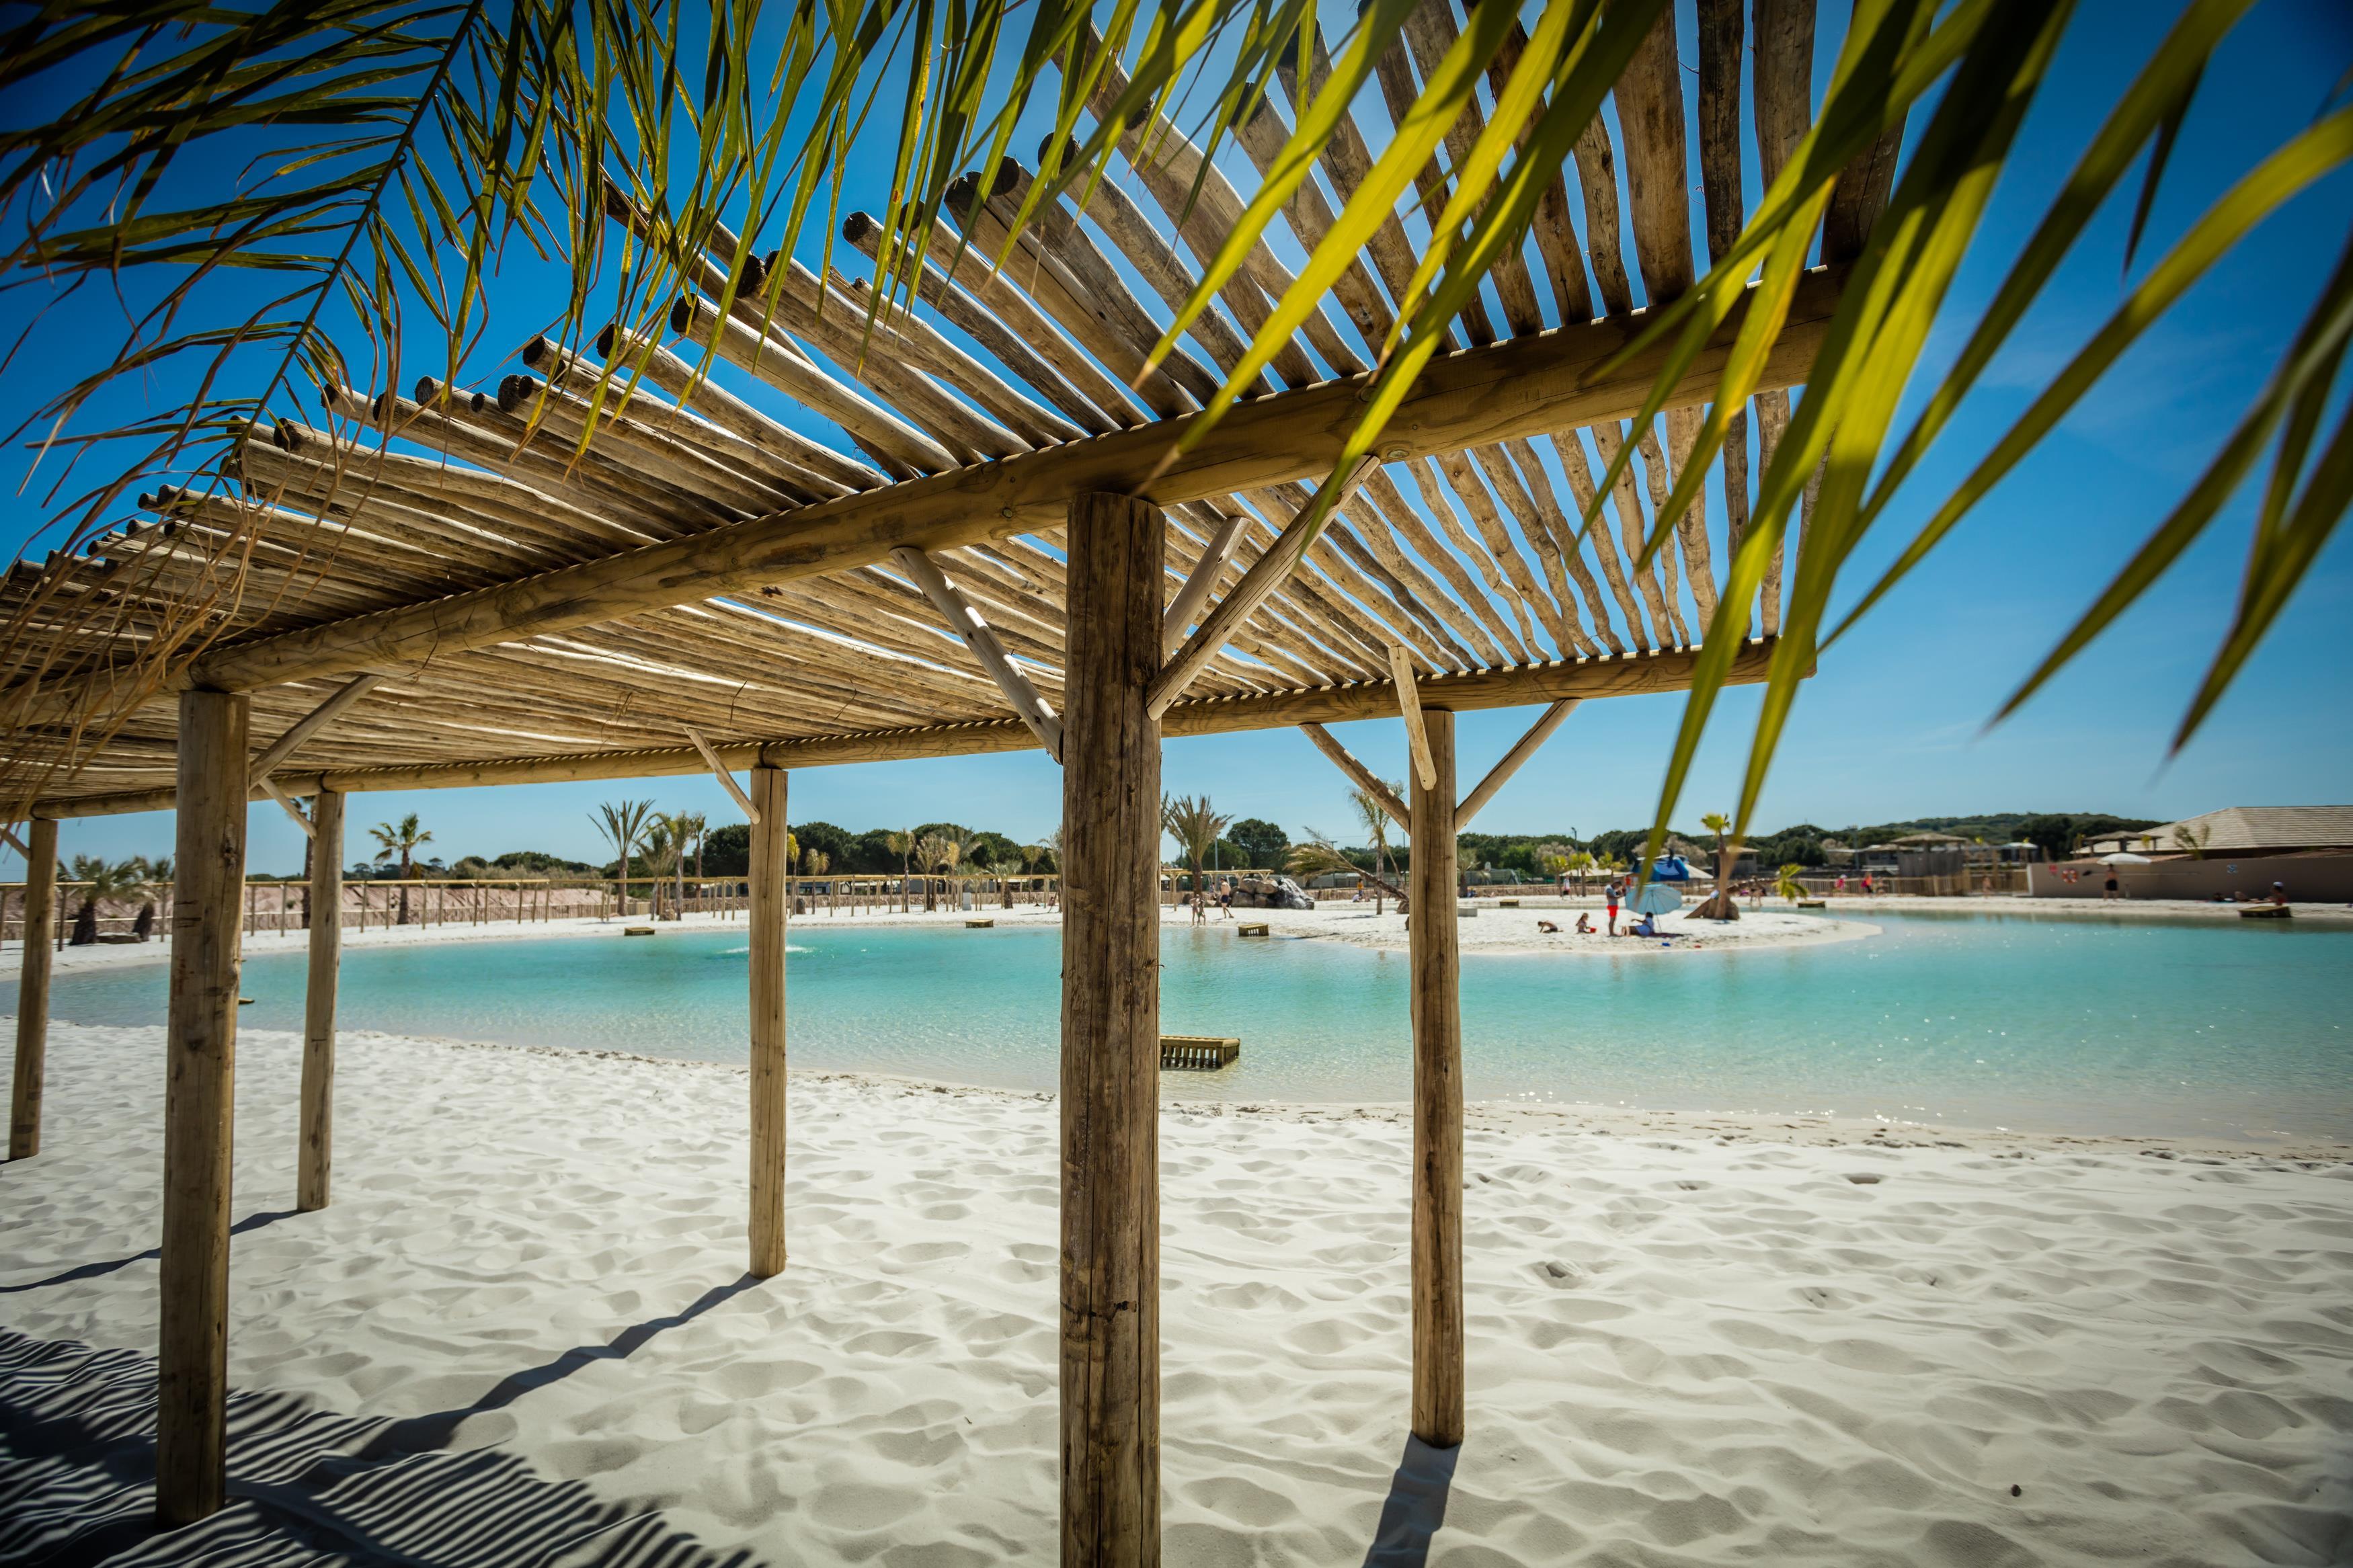 playa de la laguna toldo paraguas de arena recreacion del mar